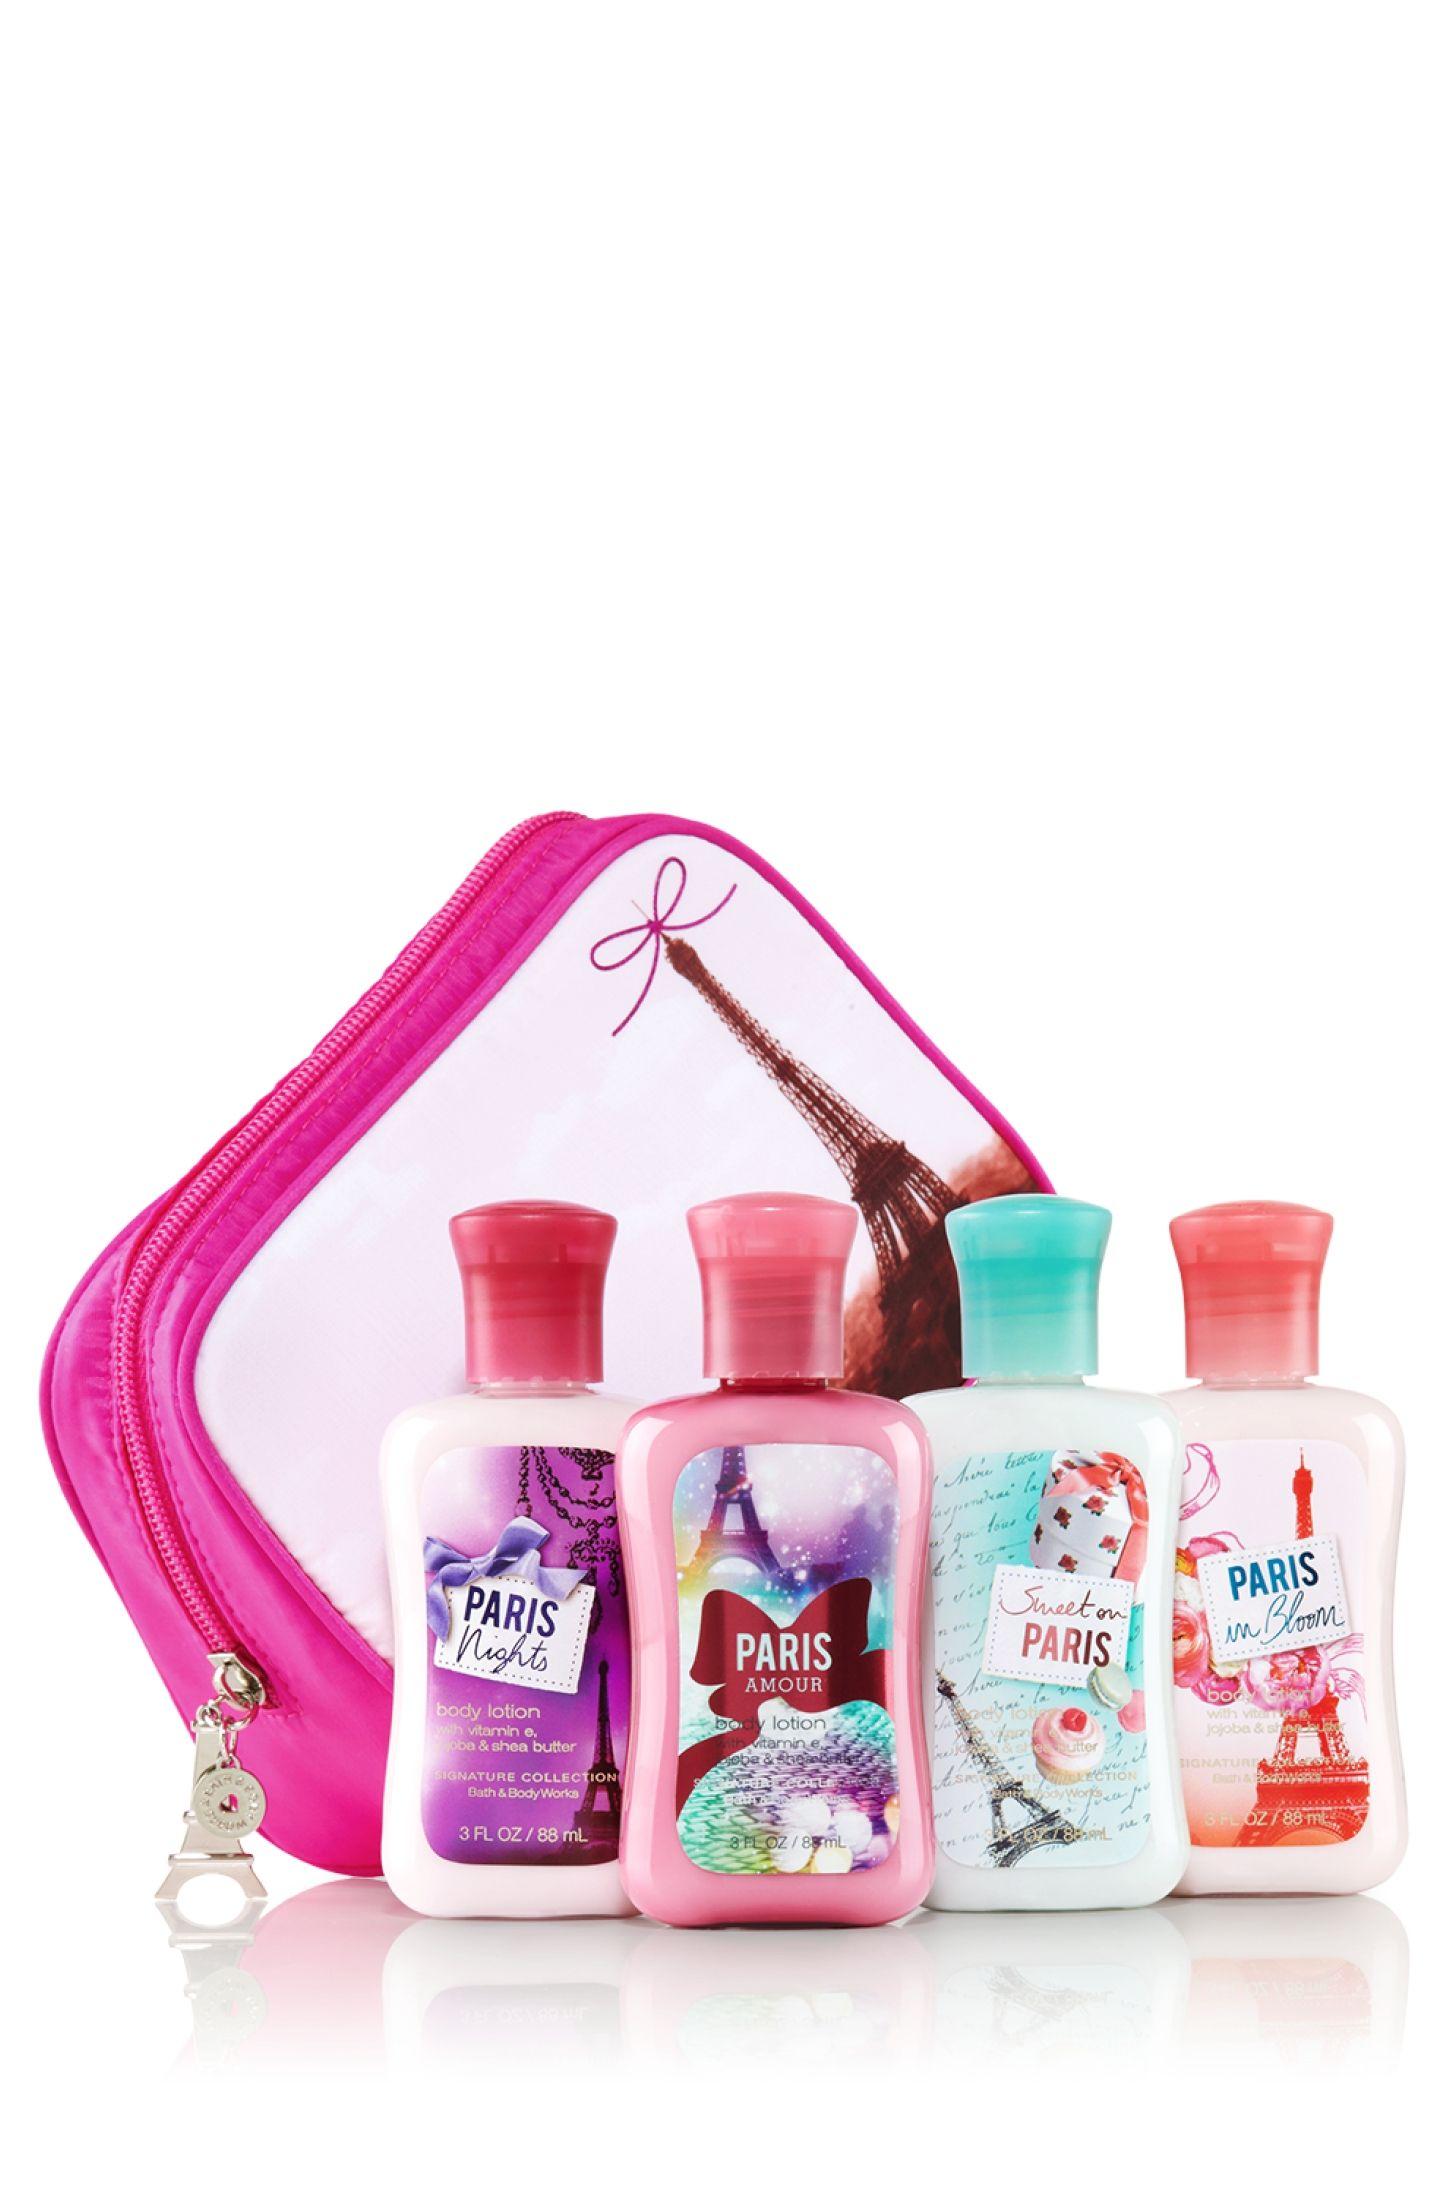 Paris Amour Bonjour Paris! Cosmetic Bag - Bath & Body Works   - Bath & Body Works